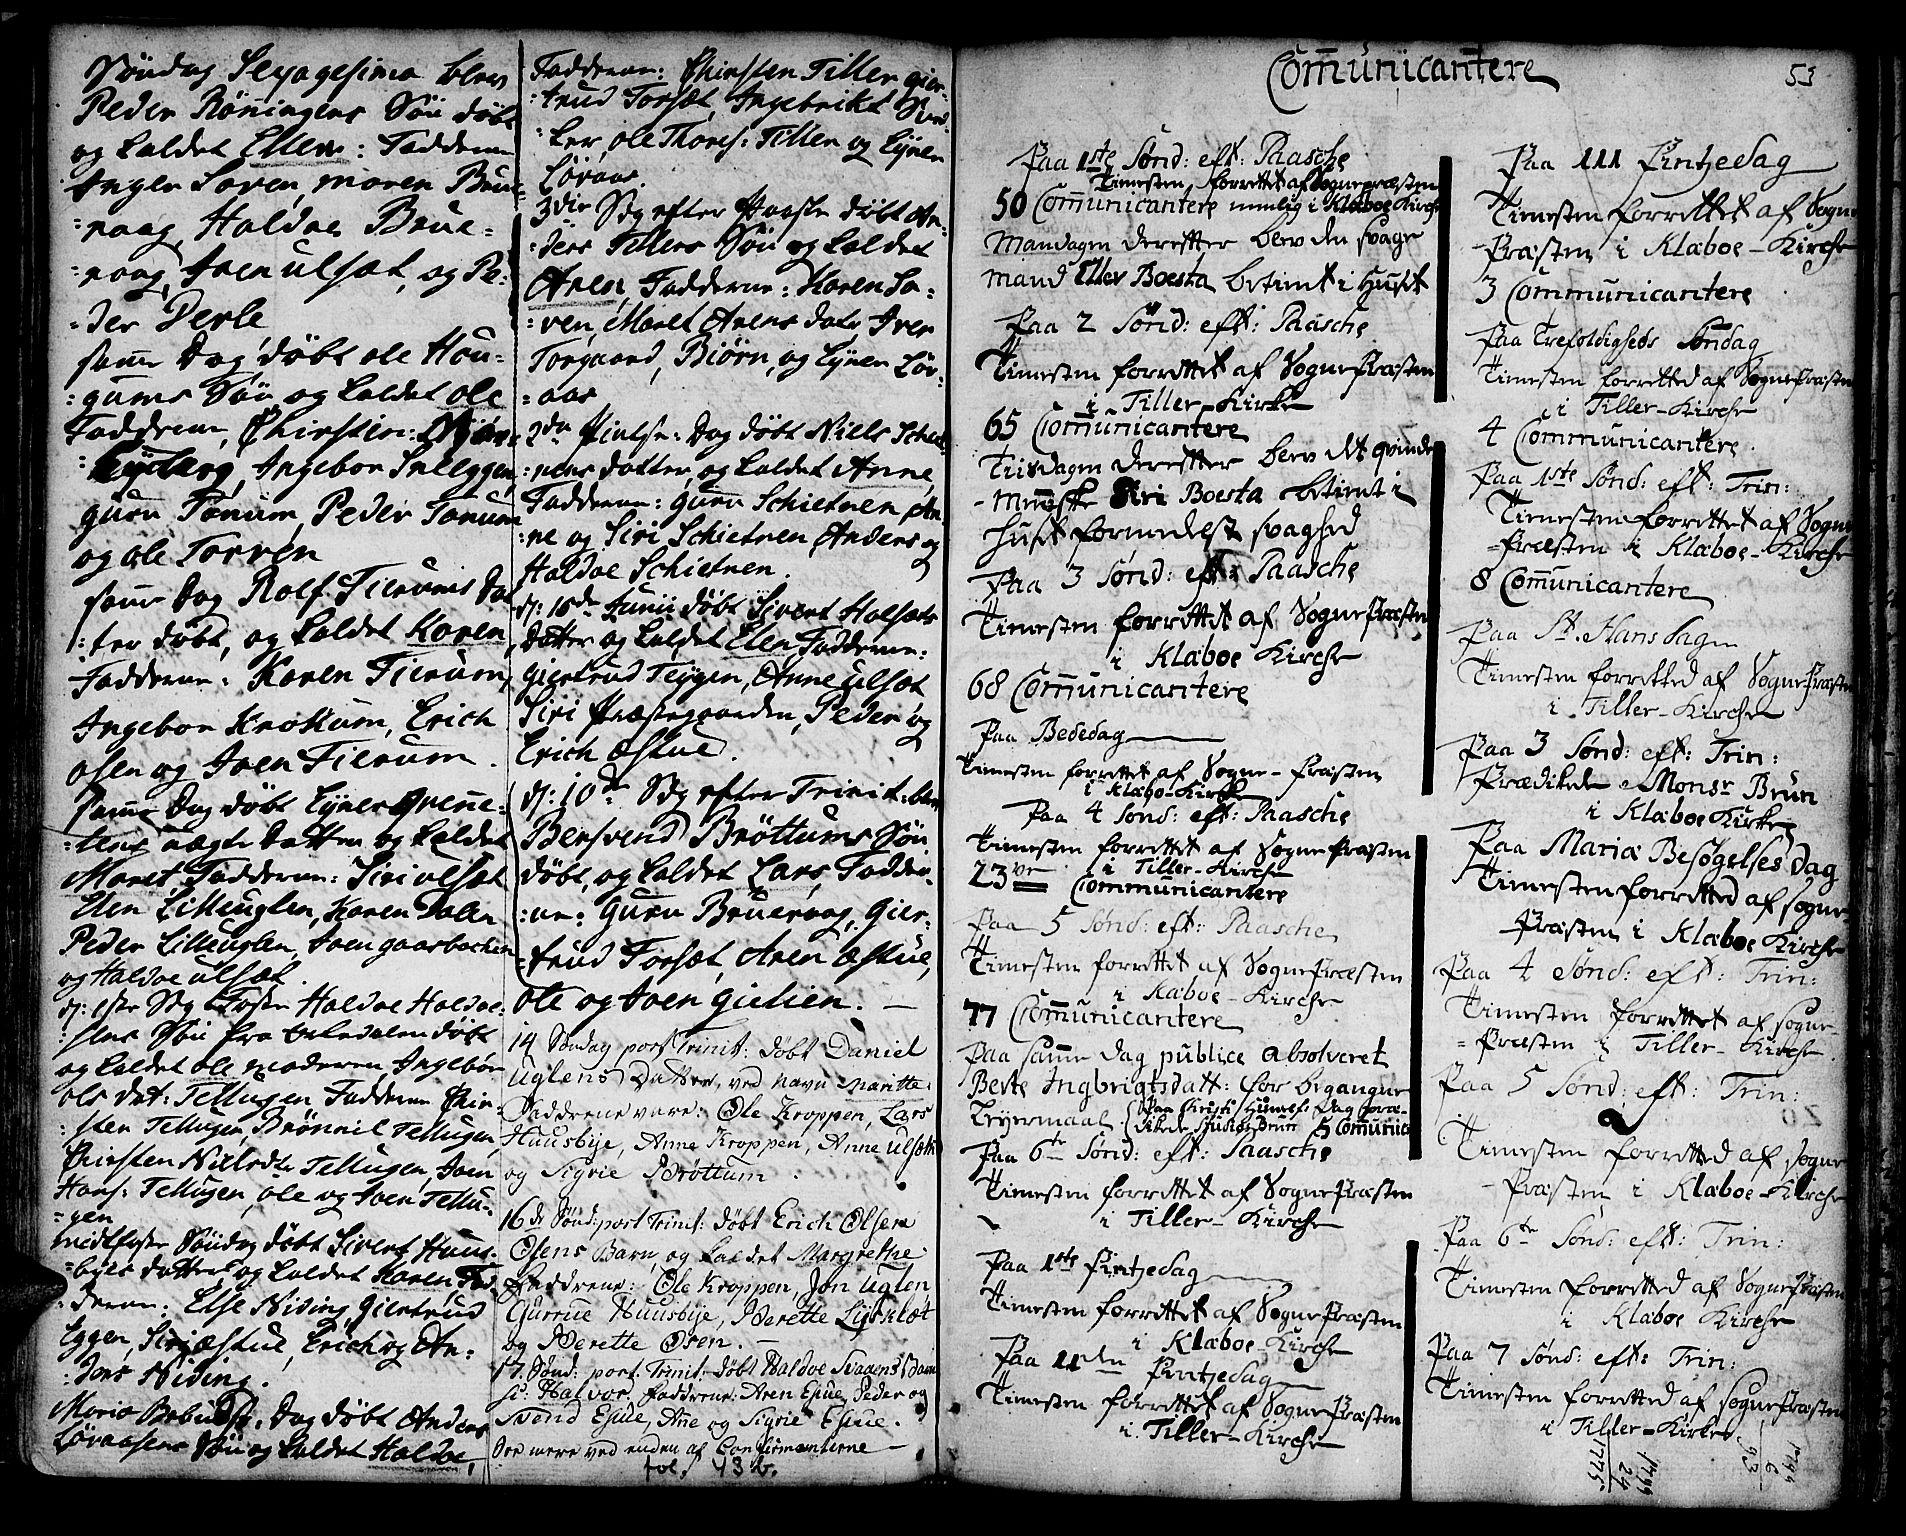 SAT, Ministerialprotokoller, klokkerbøker og fødselsregistre - Sør-Trøndelag, 618/L0437: Ministerialbok nr. 618A02, 1749-1782, s. 53